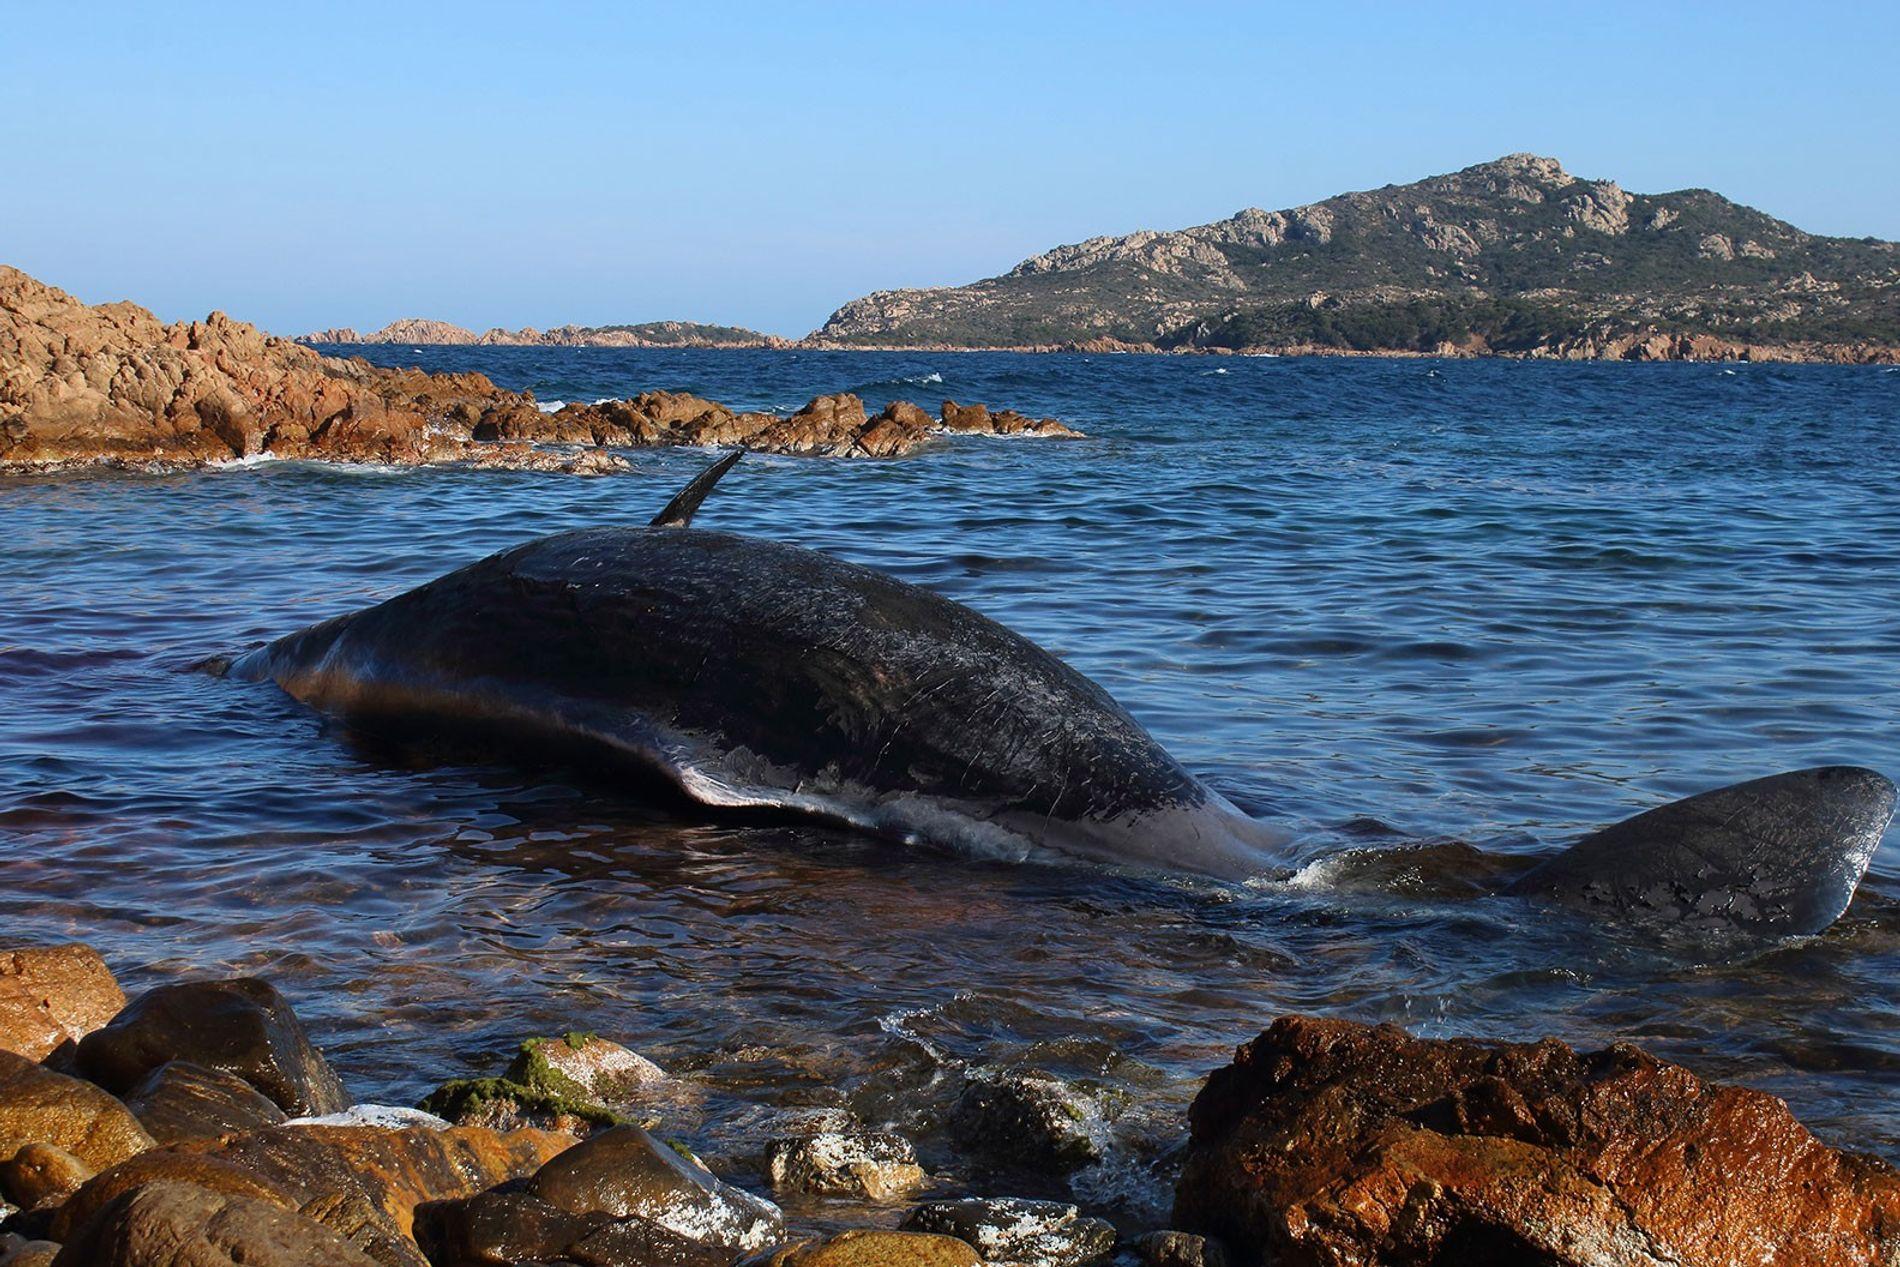 Una hembra de cachalote embarazada apareció muerta en una playa de Cerdeña, Italia. Tenía el estómago ...